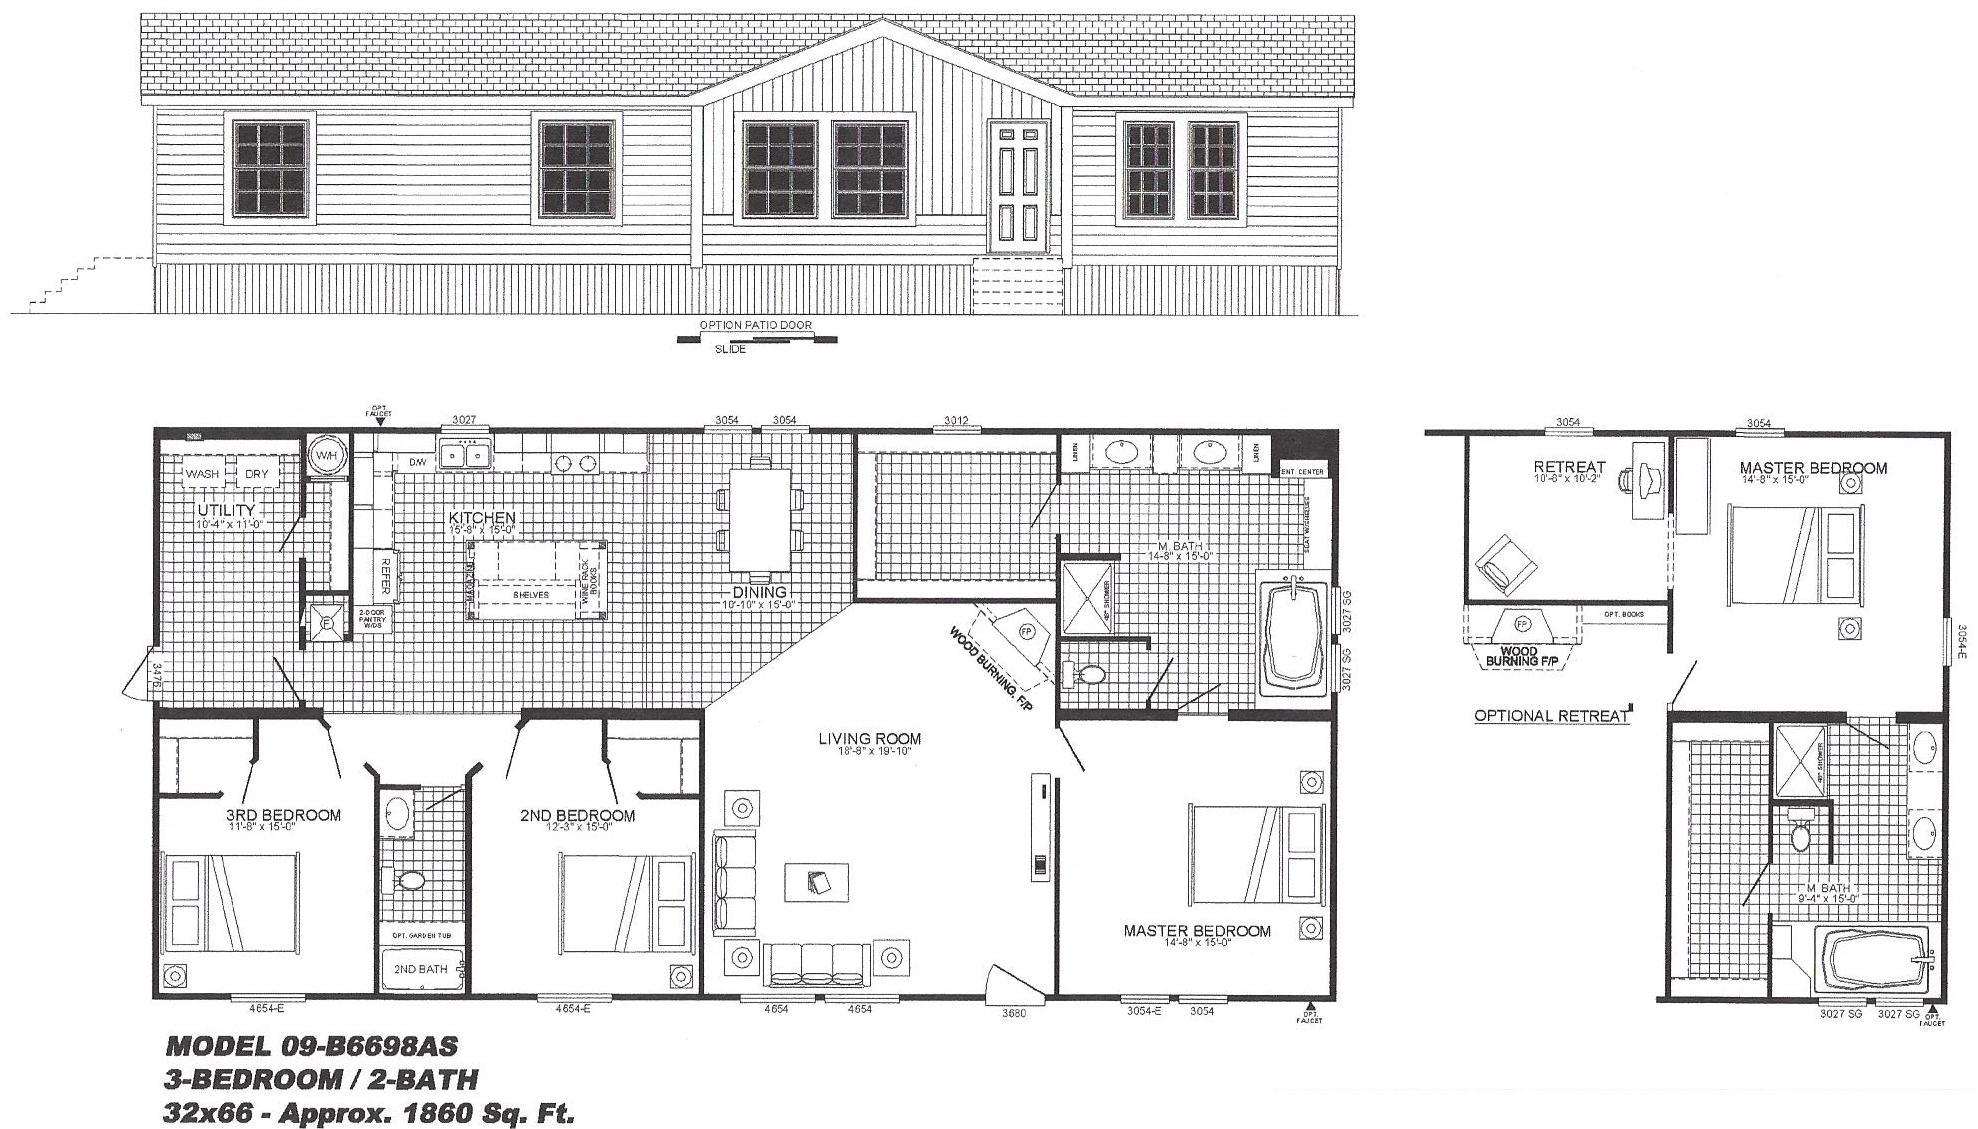 3 bedroom floor plan the graff b 6698 hawks homes 3 bedroom floor plan b 6698